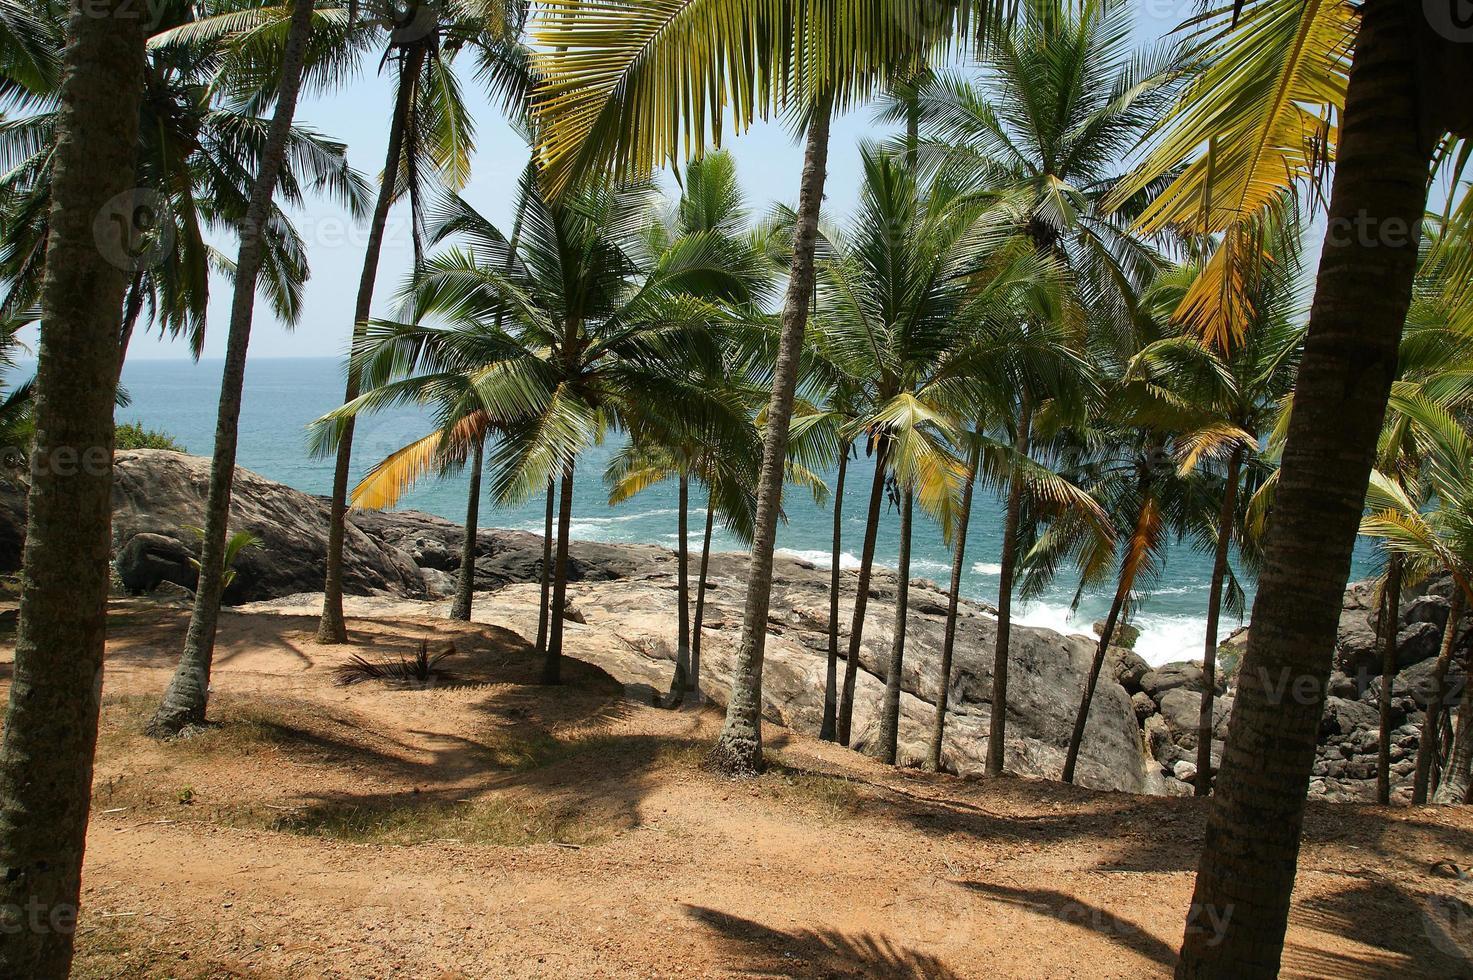 cocoteros en la orilla del mar foto